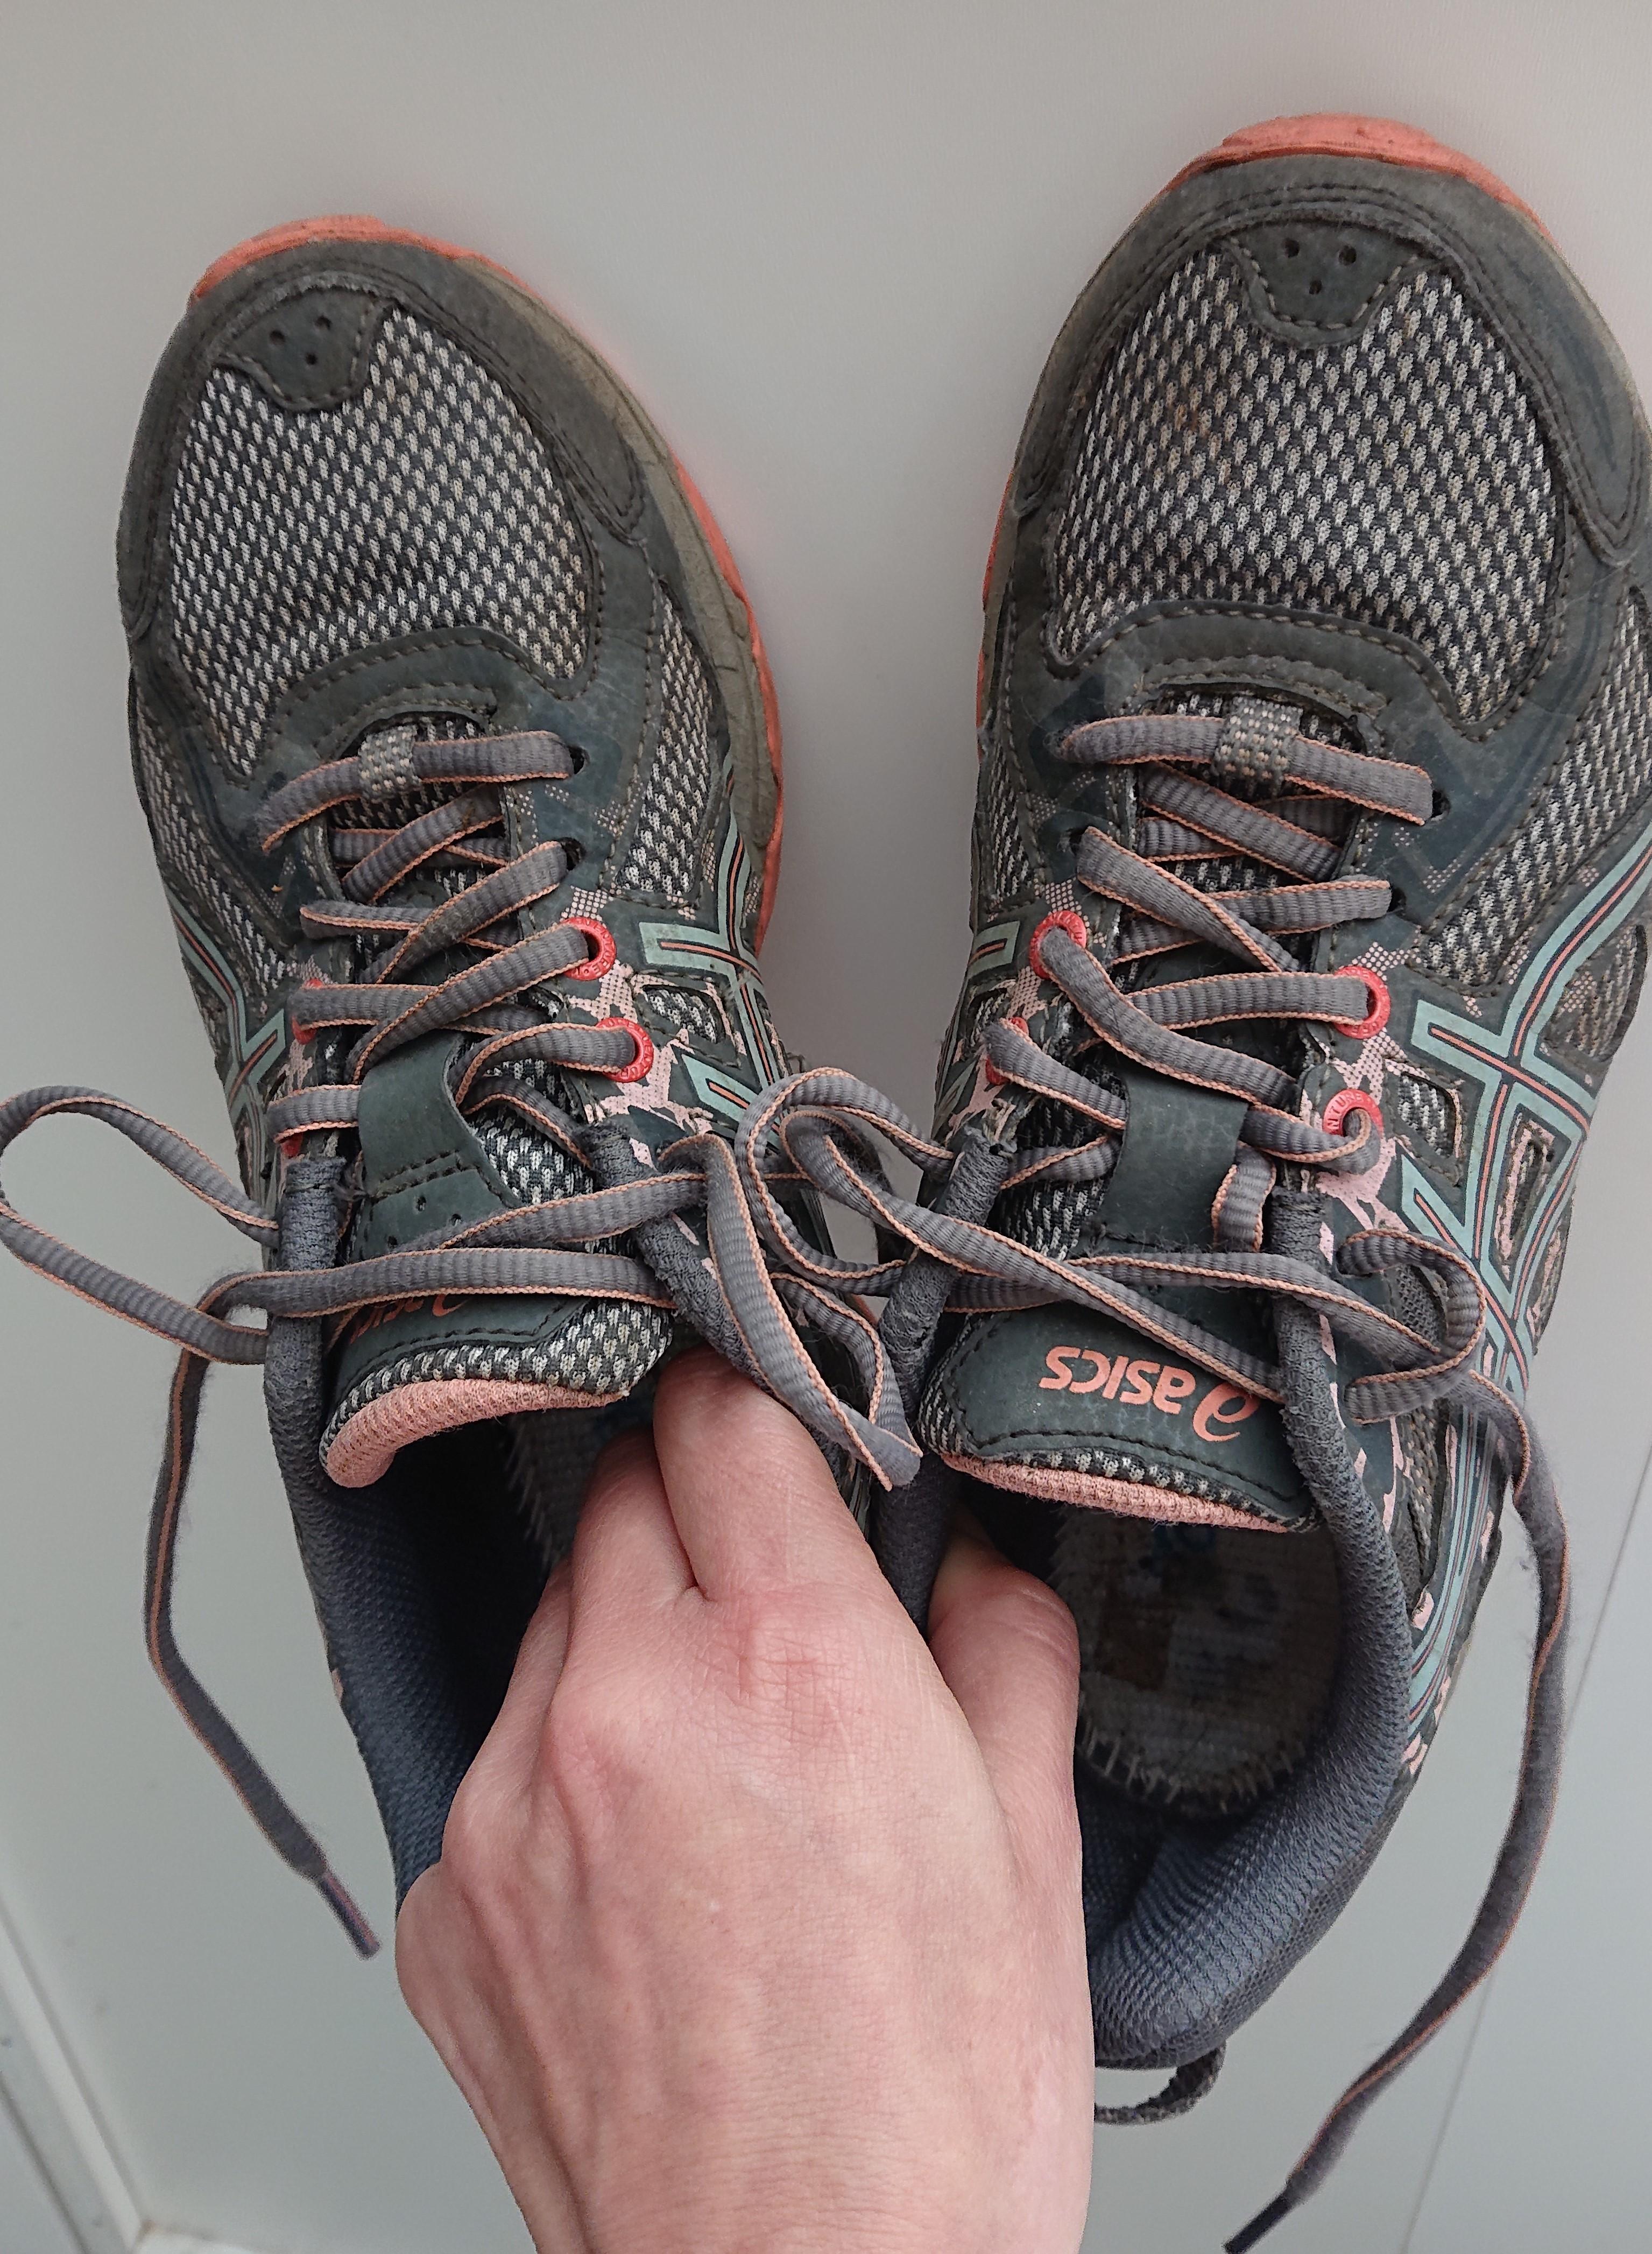 16c4d8d603 Akciósan 12500 forint volt, és ez nem is kezdő cipő - tiszta mázli, utolsó  darab volt, pont a méretemben